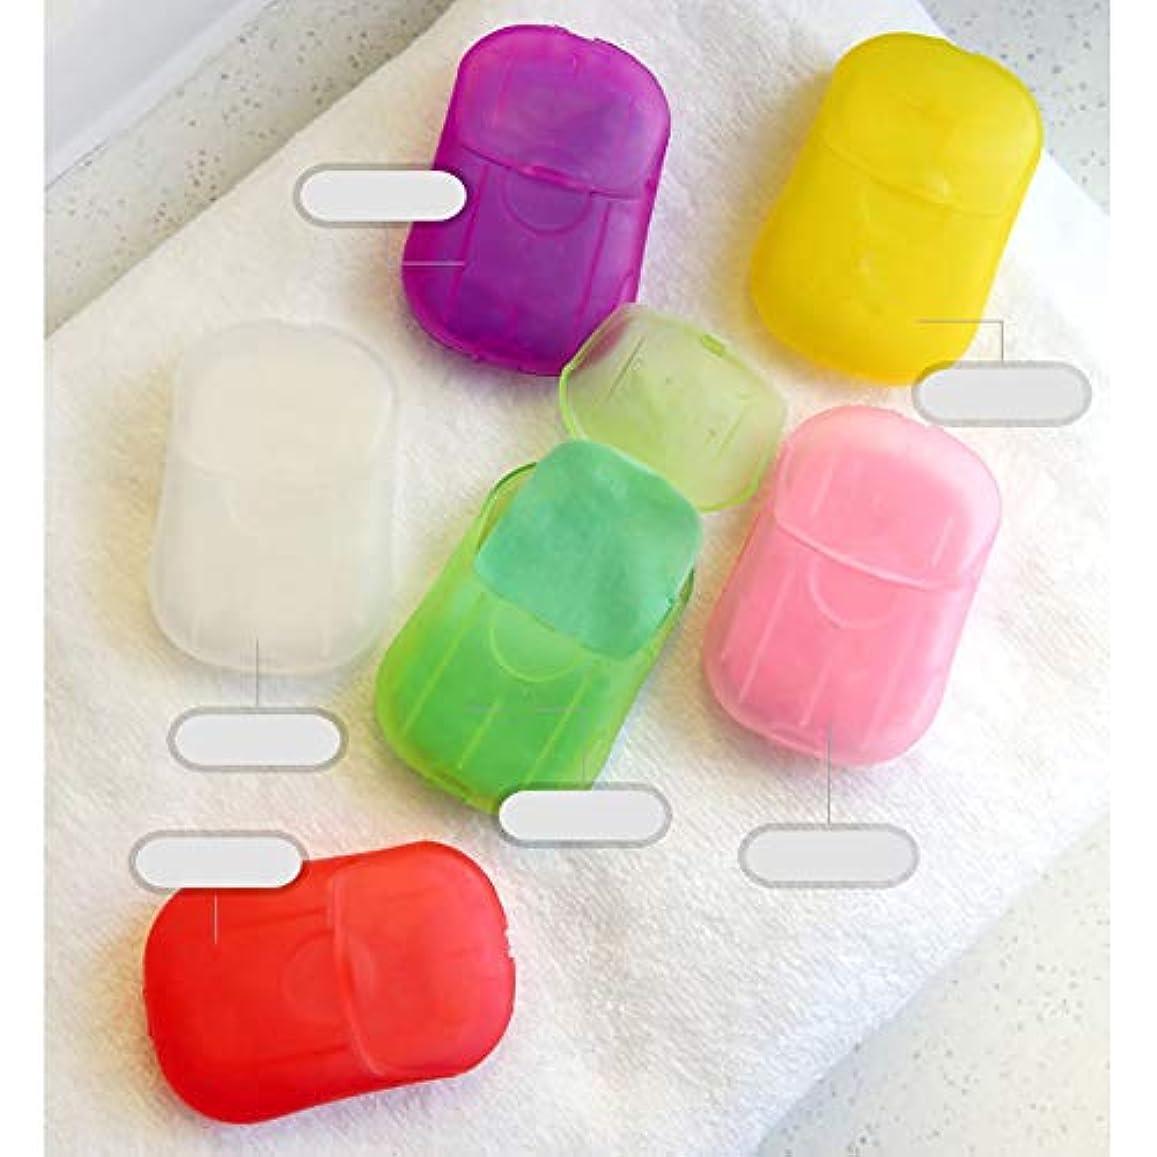 アルカイックリズム二度LULAA ペーパーソープ 紙せっけん 携帯用 ハンドソープ 手洗い 持ち運び 便利 持ち歩き 遠足 お出かけ アウトドア ケース入り 外遊び 砂場 旅行 洗濯にも 6つの香り 6個セット